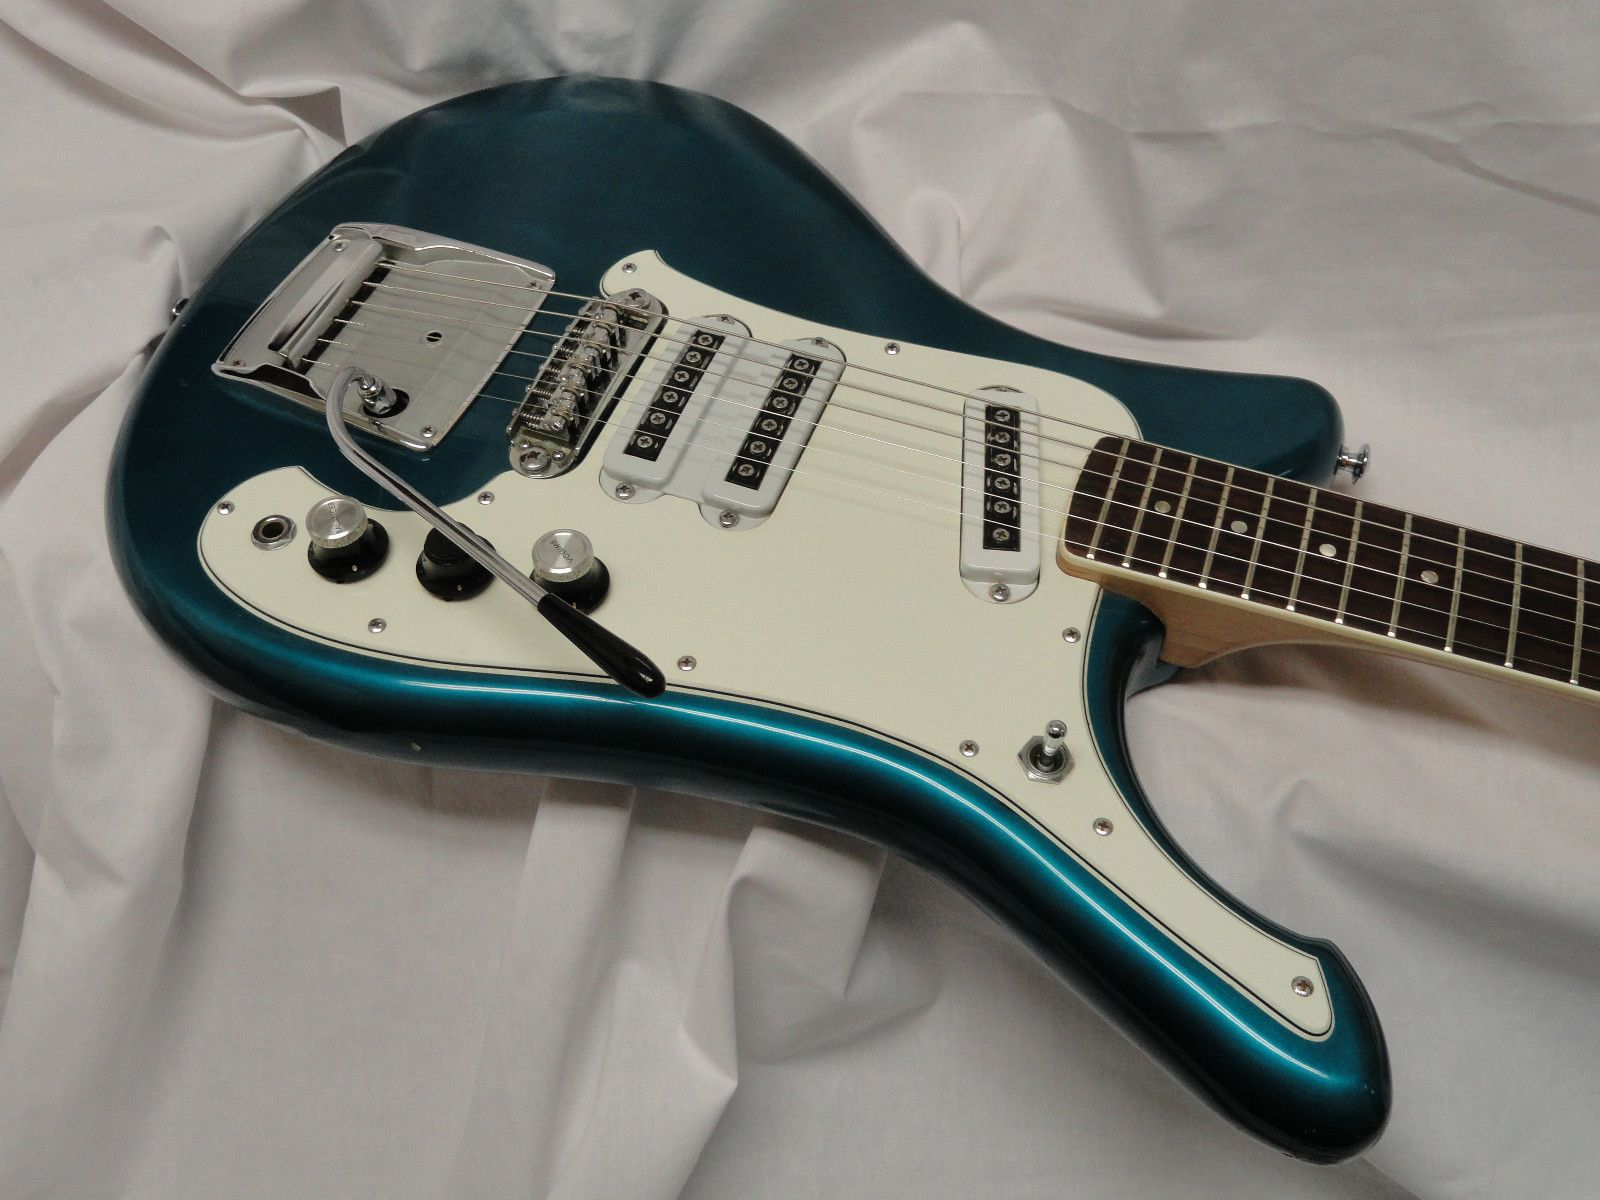 1969 yamaha sg5 electric guitar made in japan guitars